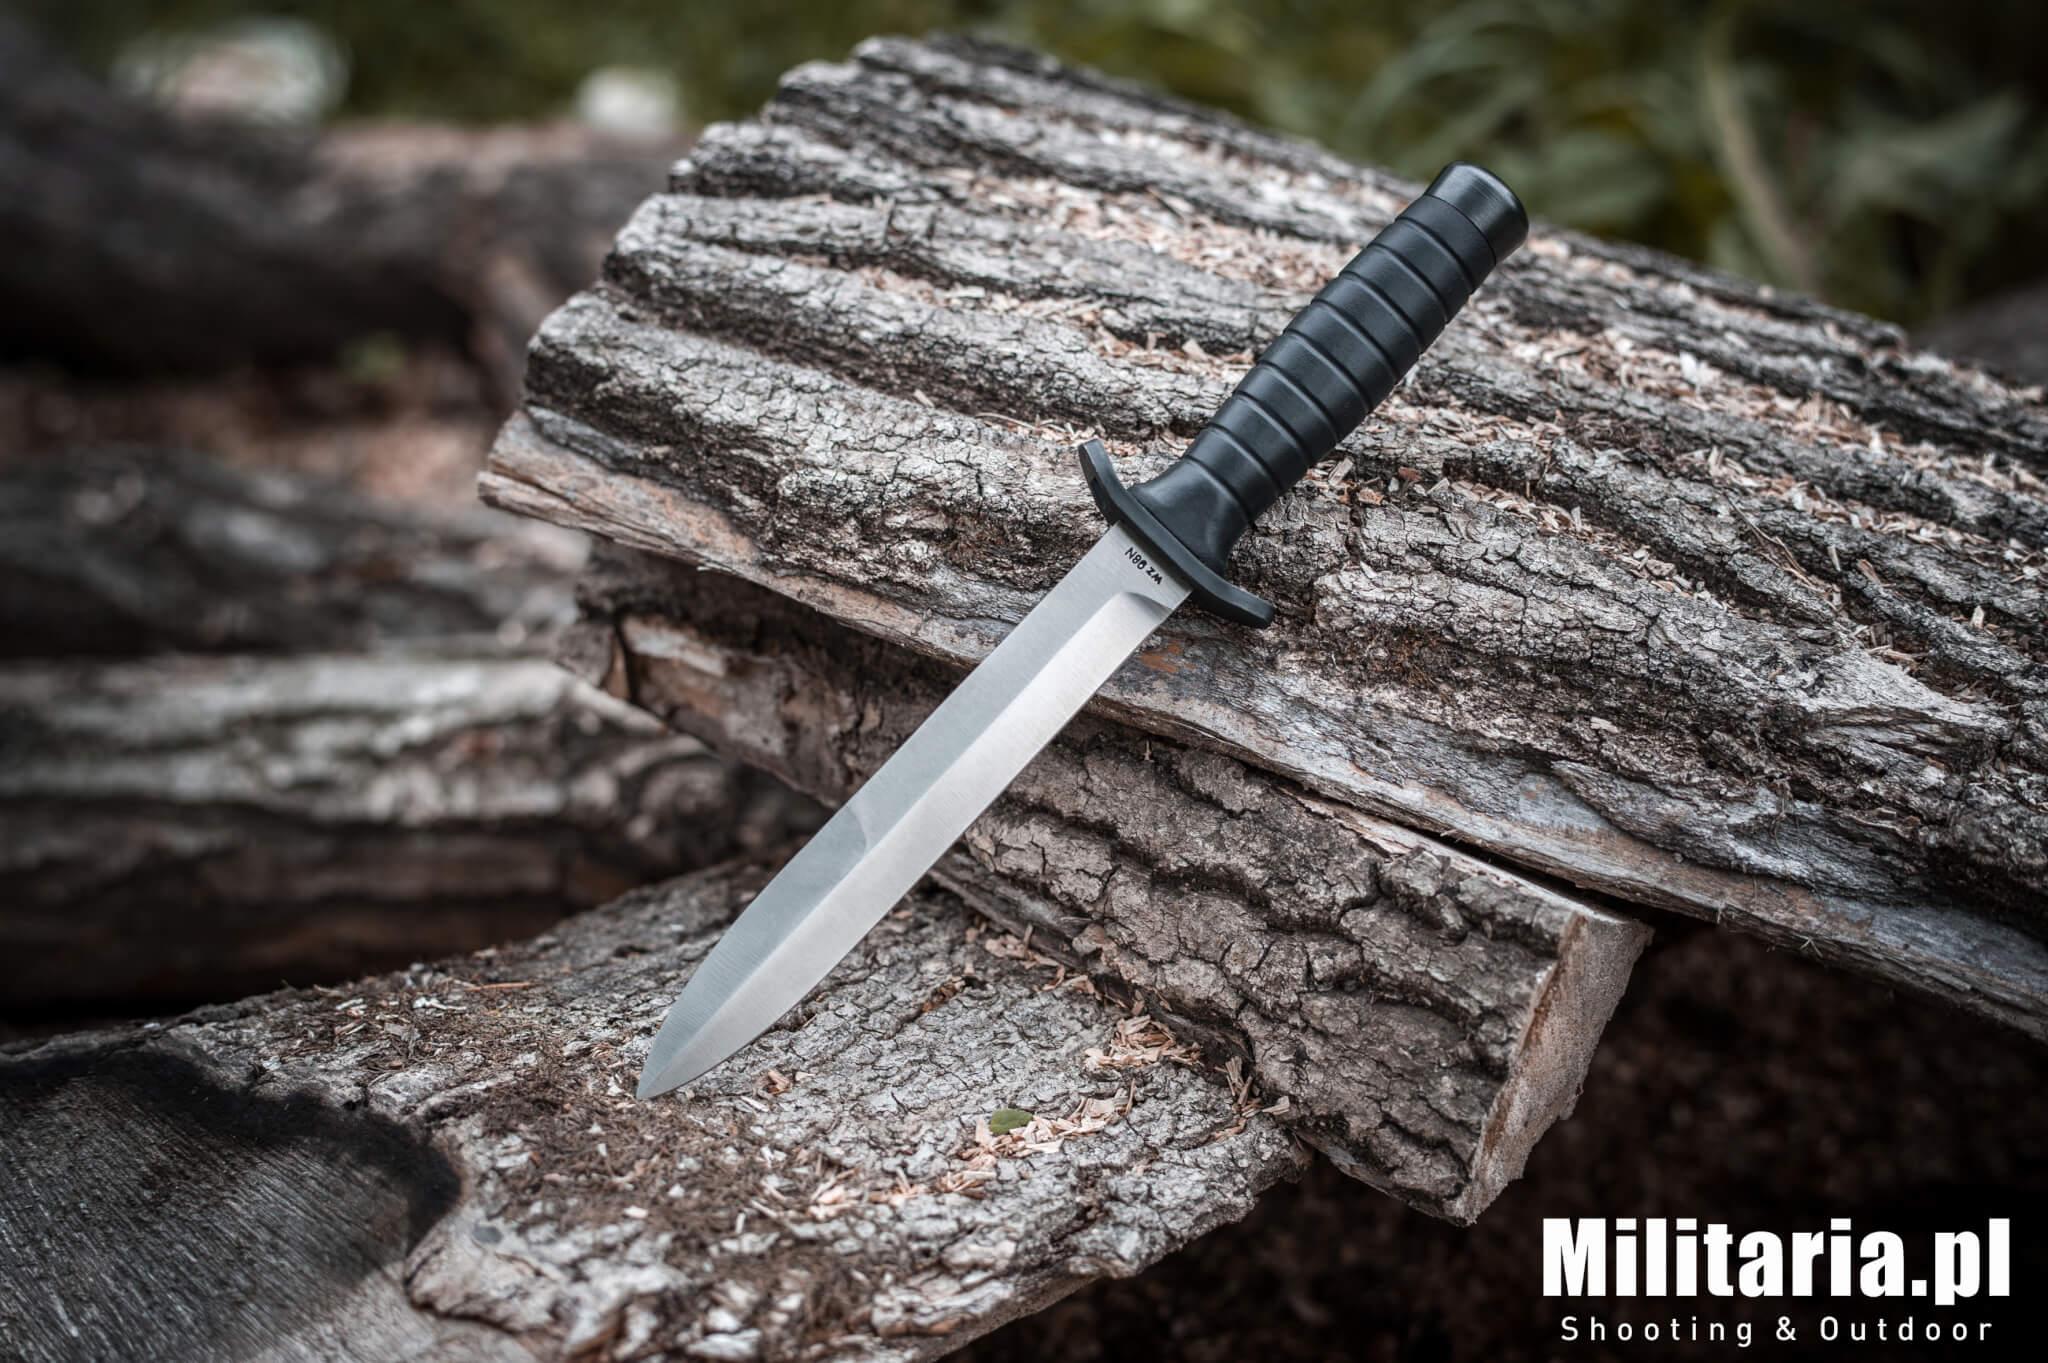 Nóż wojskowy wz. 98